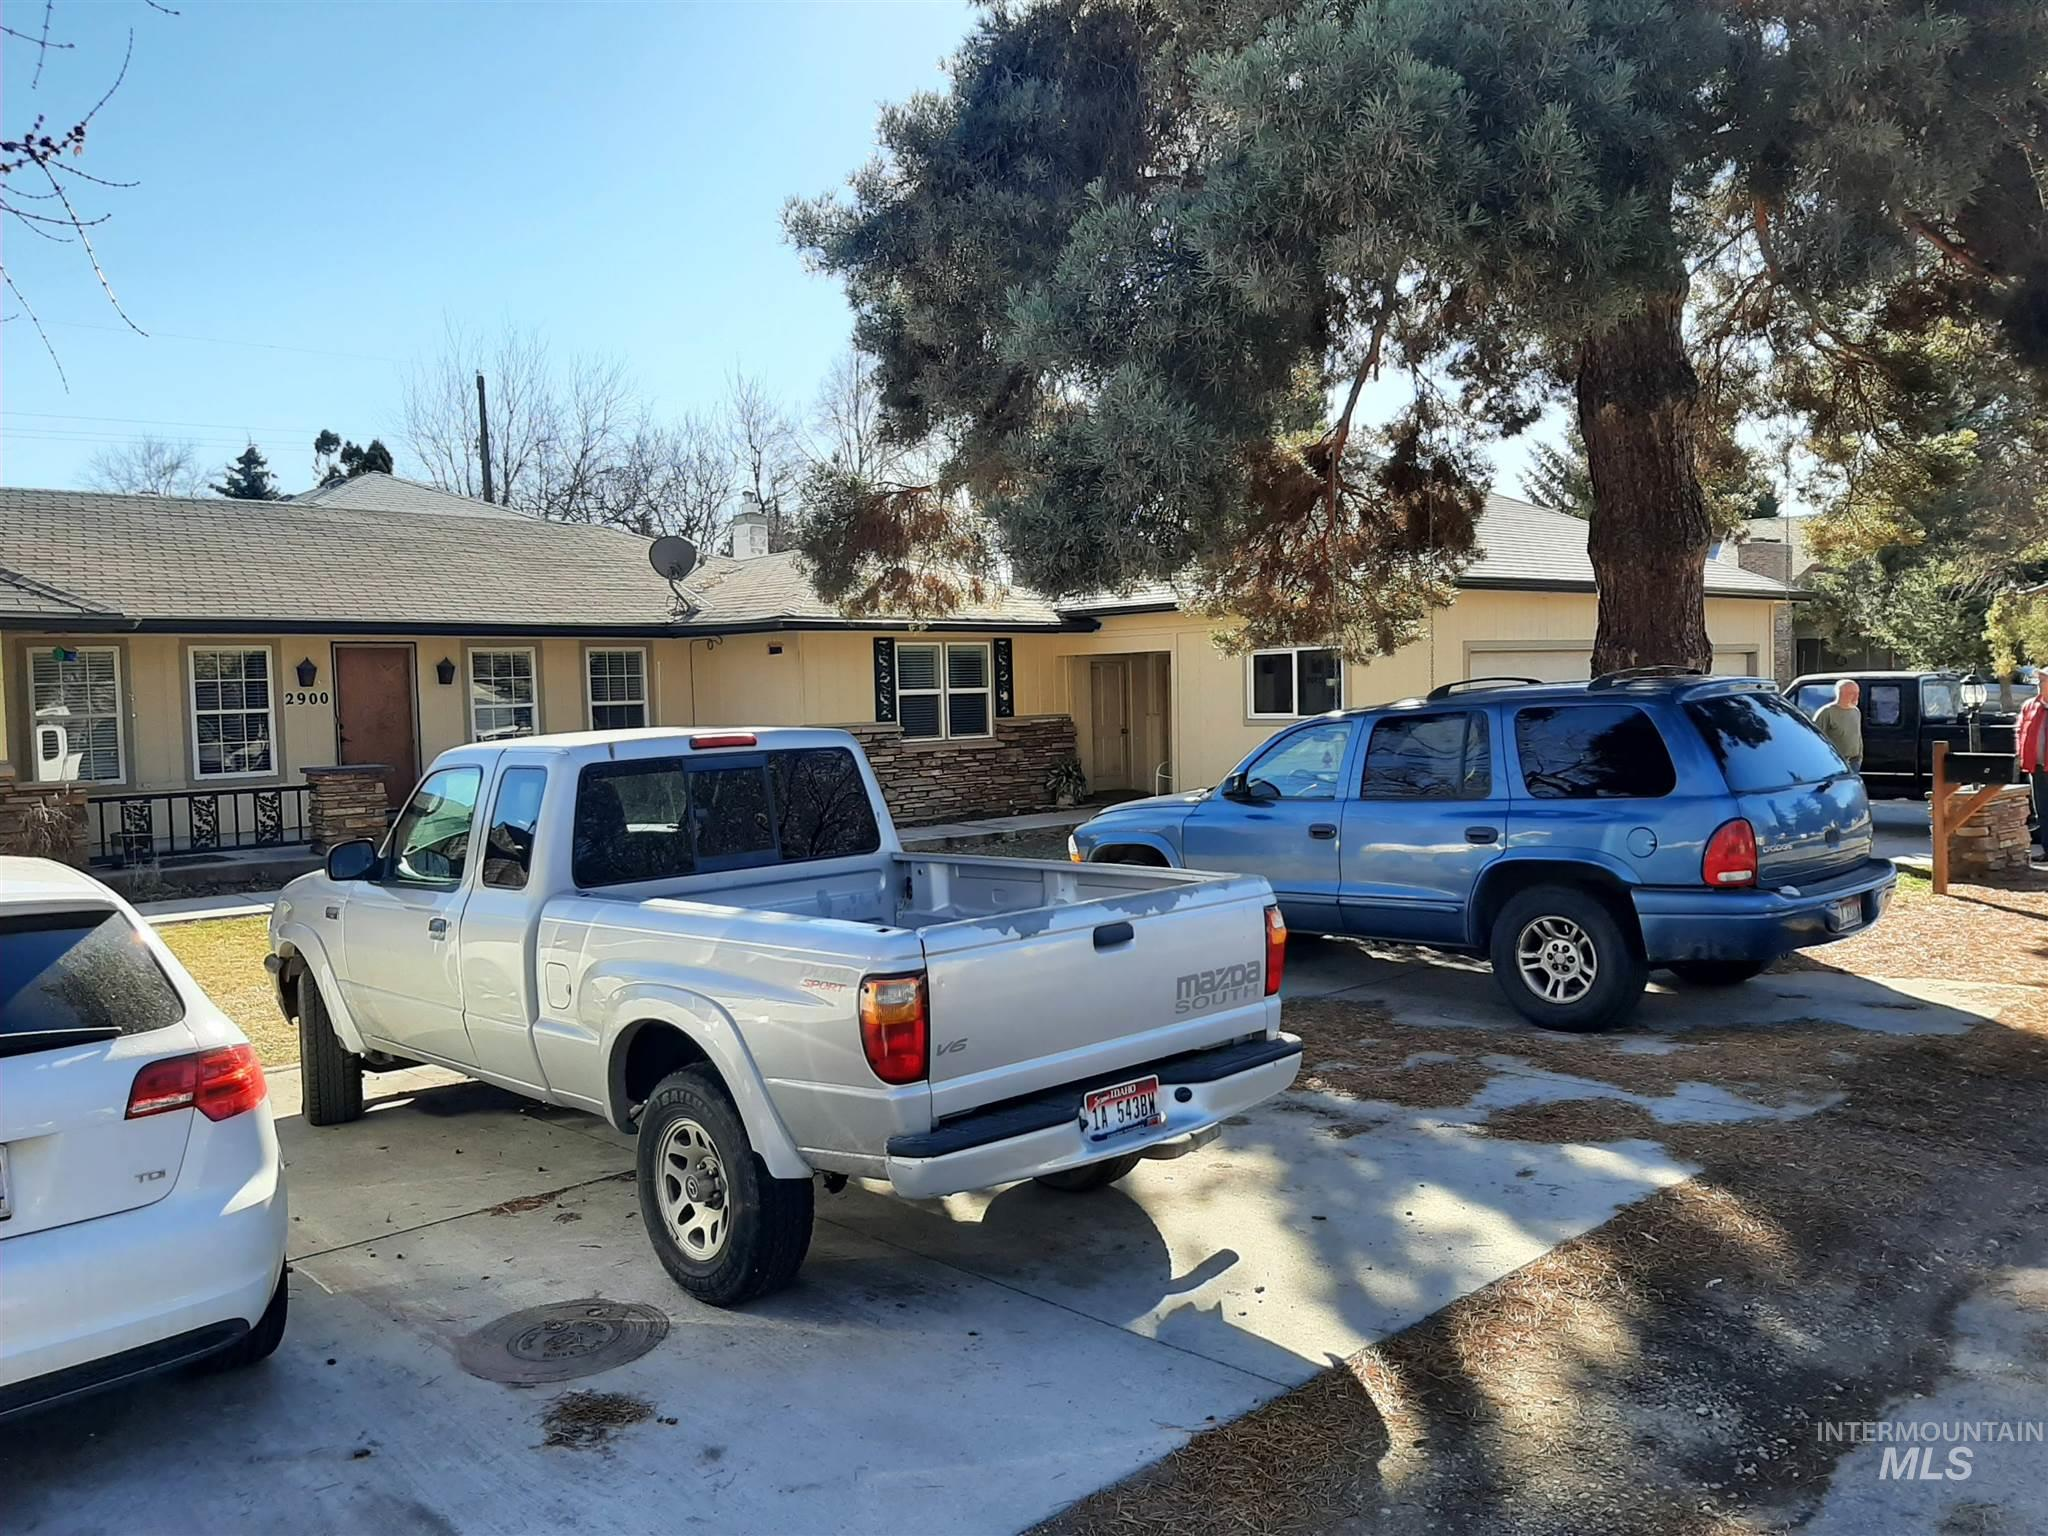 2900 N Tamarack Property Photo - Boise, ID real estate listing